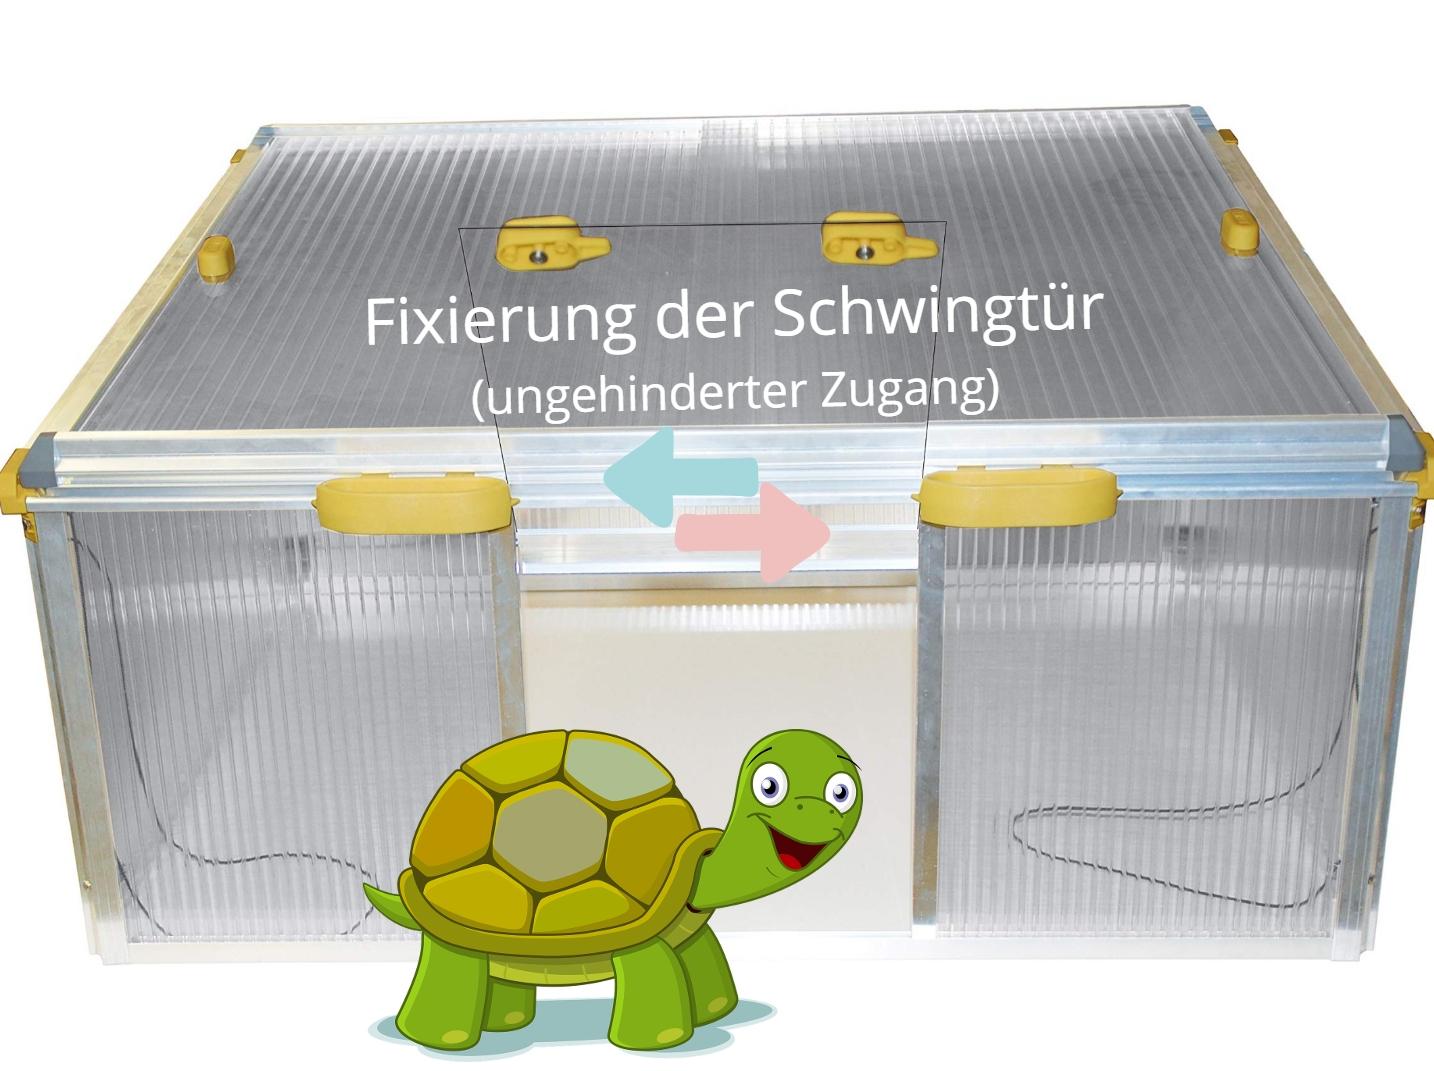 Fixierung-der-Schwingtuer-fuer-ungehinderten-Zugang-ins-Freigehege